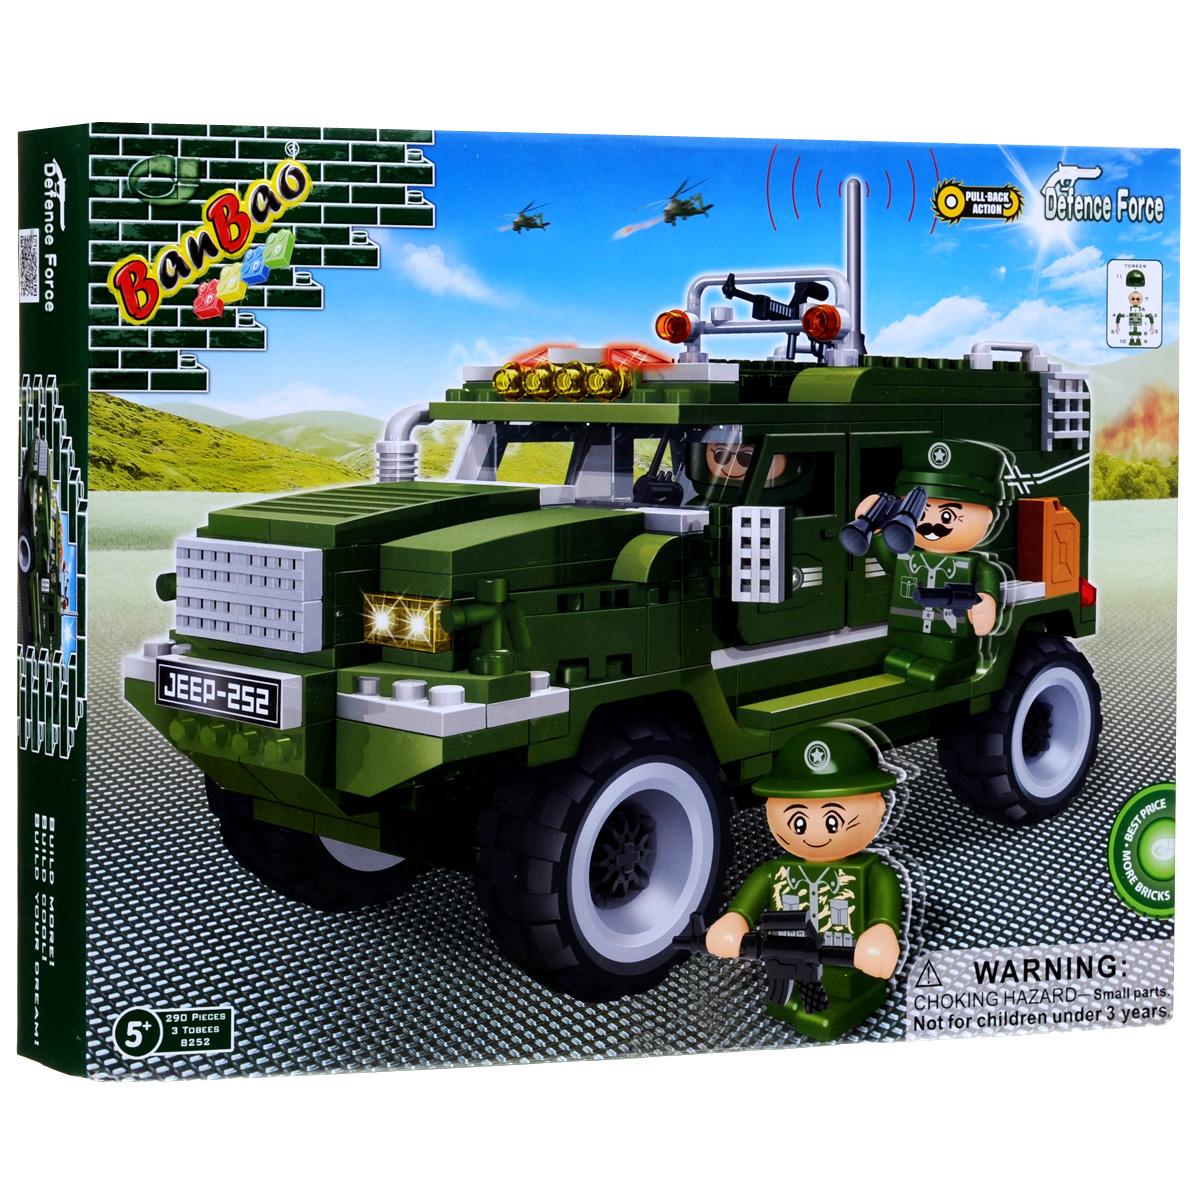 BanBao Конструктор Военный джип8252Конструктор Военный джип понравится любому мальчику. Он содержит 3 фигурки солдат, пластиковые детали конструктора и иллюстрированную инструкцию. Набор позволит ребенку без труда собрать военный джип с инерционным механизмом, а отважные солдаты станут верными товарищами по играм. Джип имеет одно посадочное место для водителя, остальные солдатики могут разместиться в кузове с откидывающейся крышкой. Конструктор выполнен из прочного пластика. Ребенок сможет часами играть с этим конструктором, придумывая разные истории и комбинируя детали. Игры с конструкторами помогут ребенку развить воображение, внимательность, пространственное мышление и творческие способности.